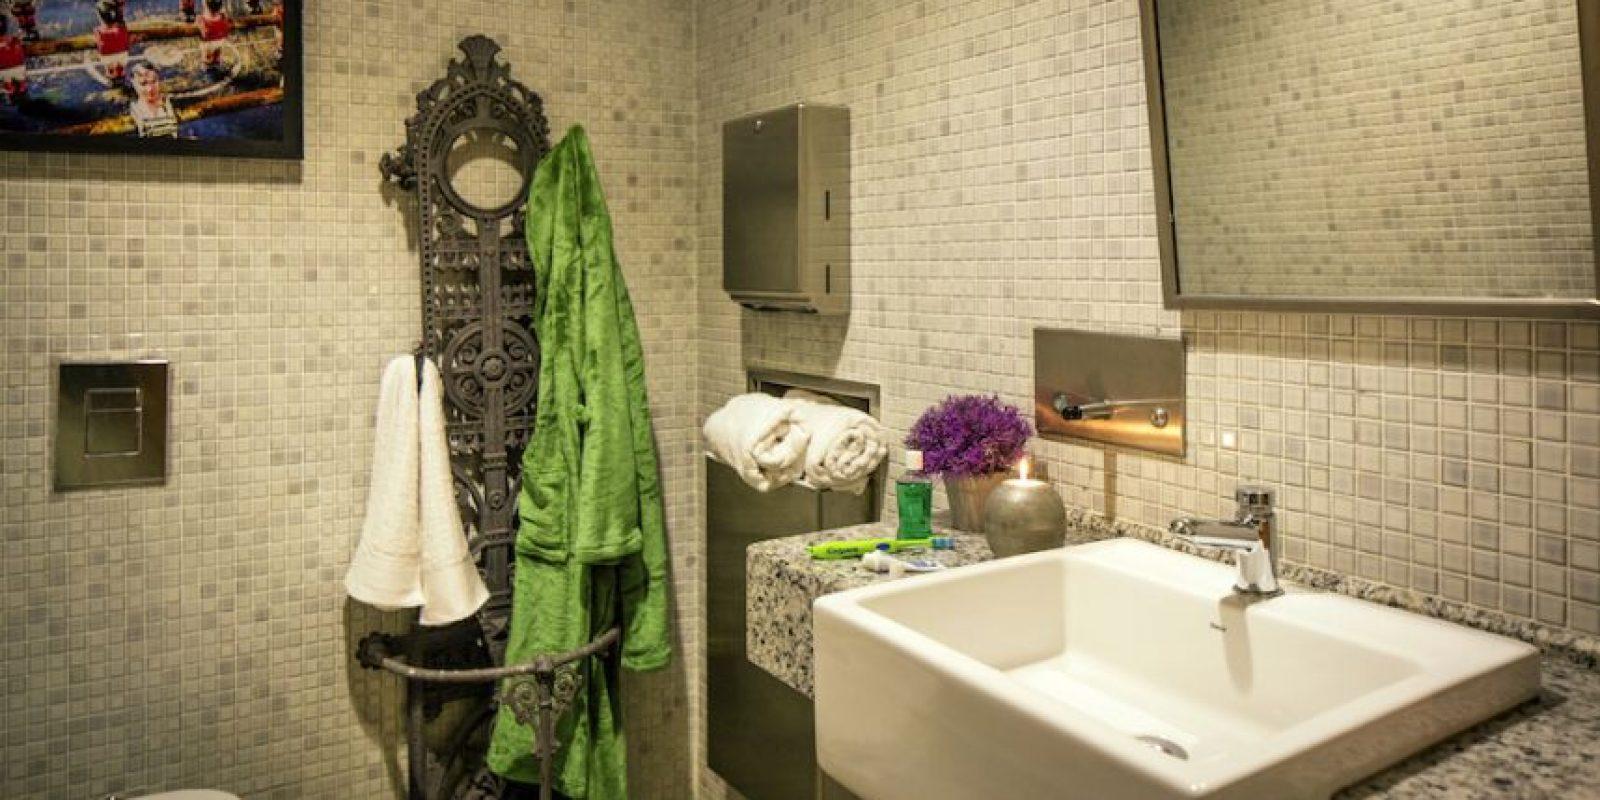 El baño Foto:Airbnb